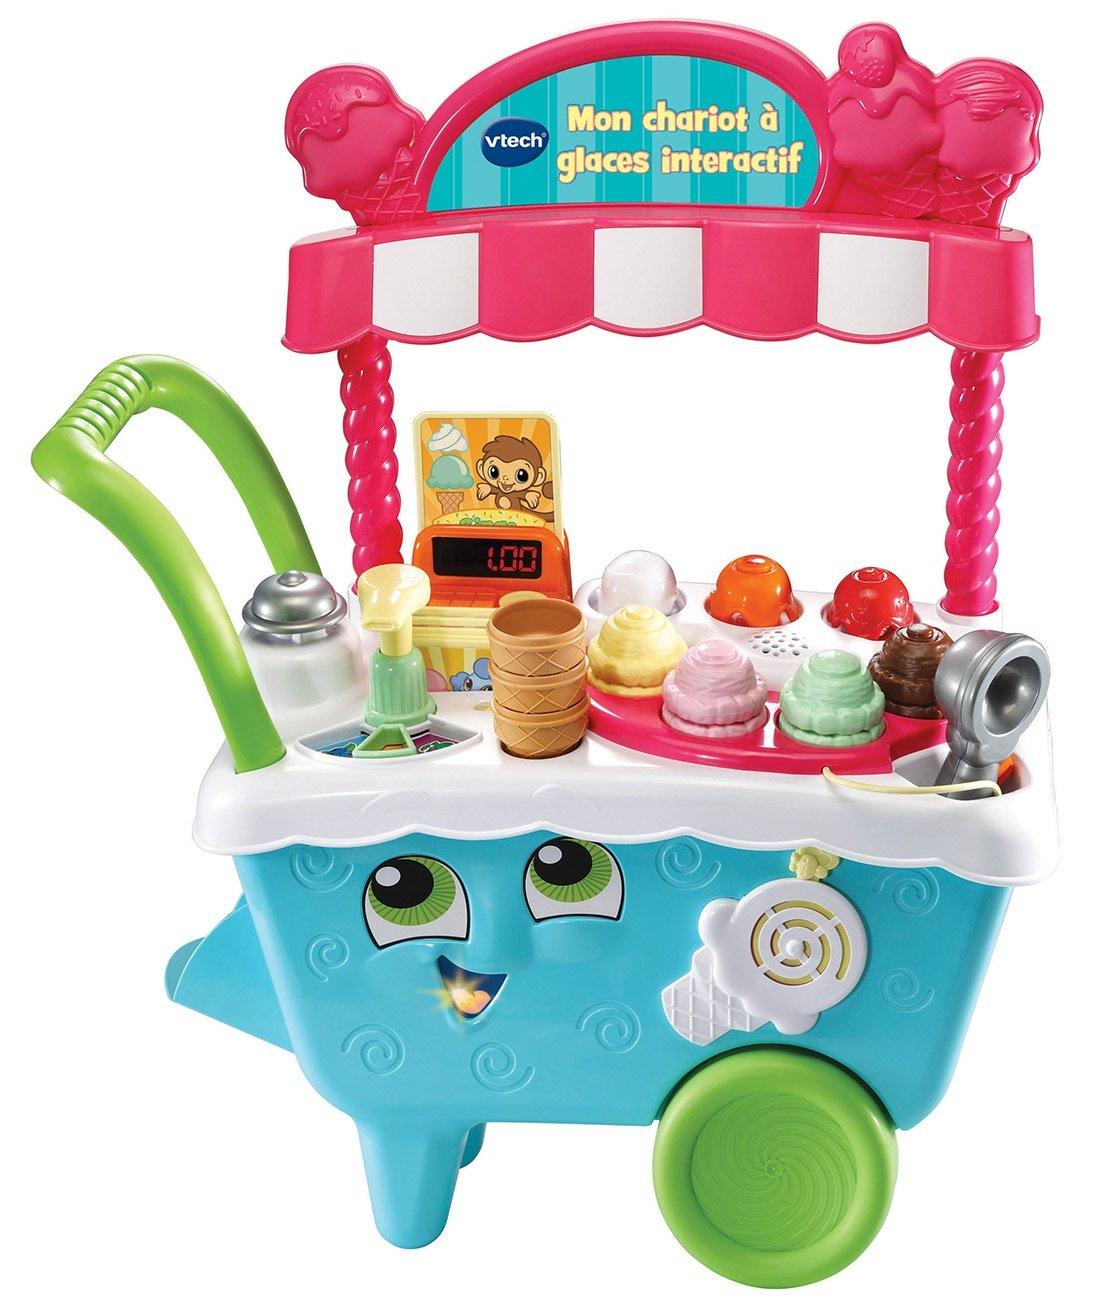 Vtech Mon Eiswagen, interaktiv, Spielzeug für Kinder, 600705, Mehrfarbig, Einheitsgröße Spielzeug für Kinder Einheitsgröße